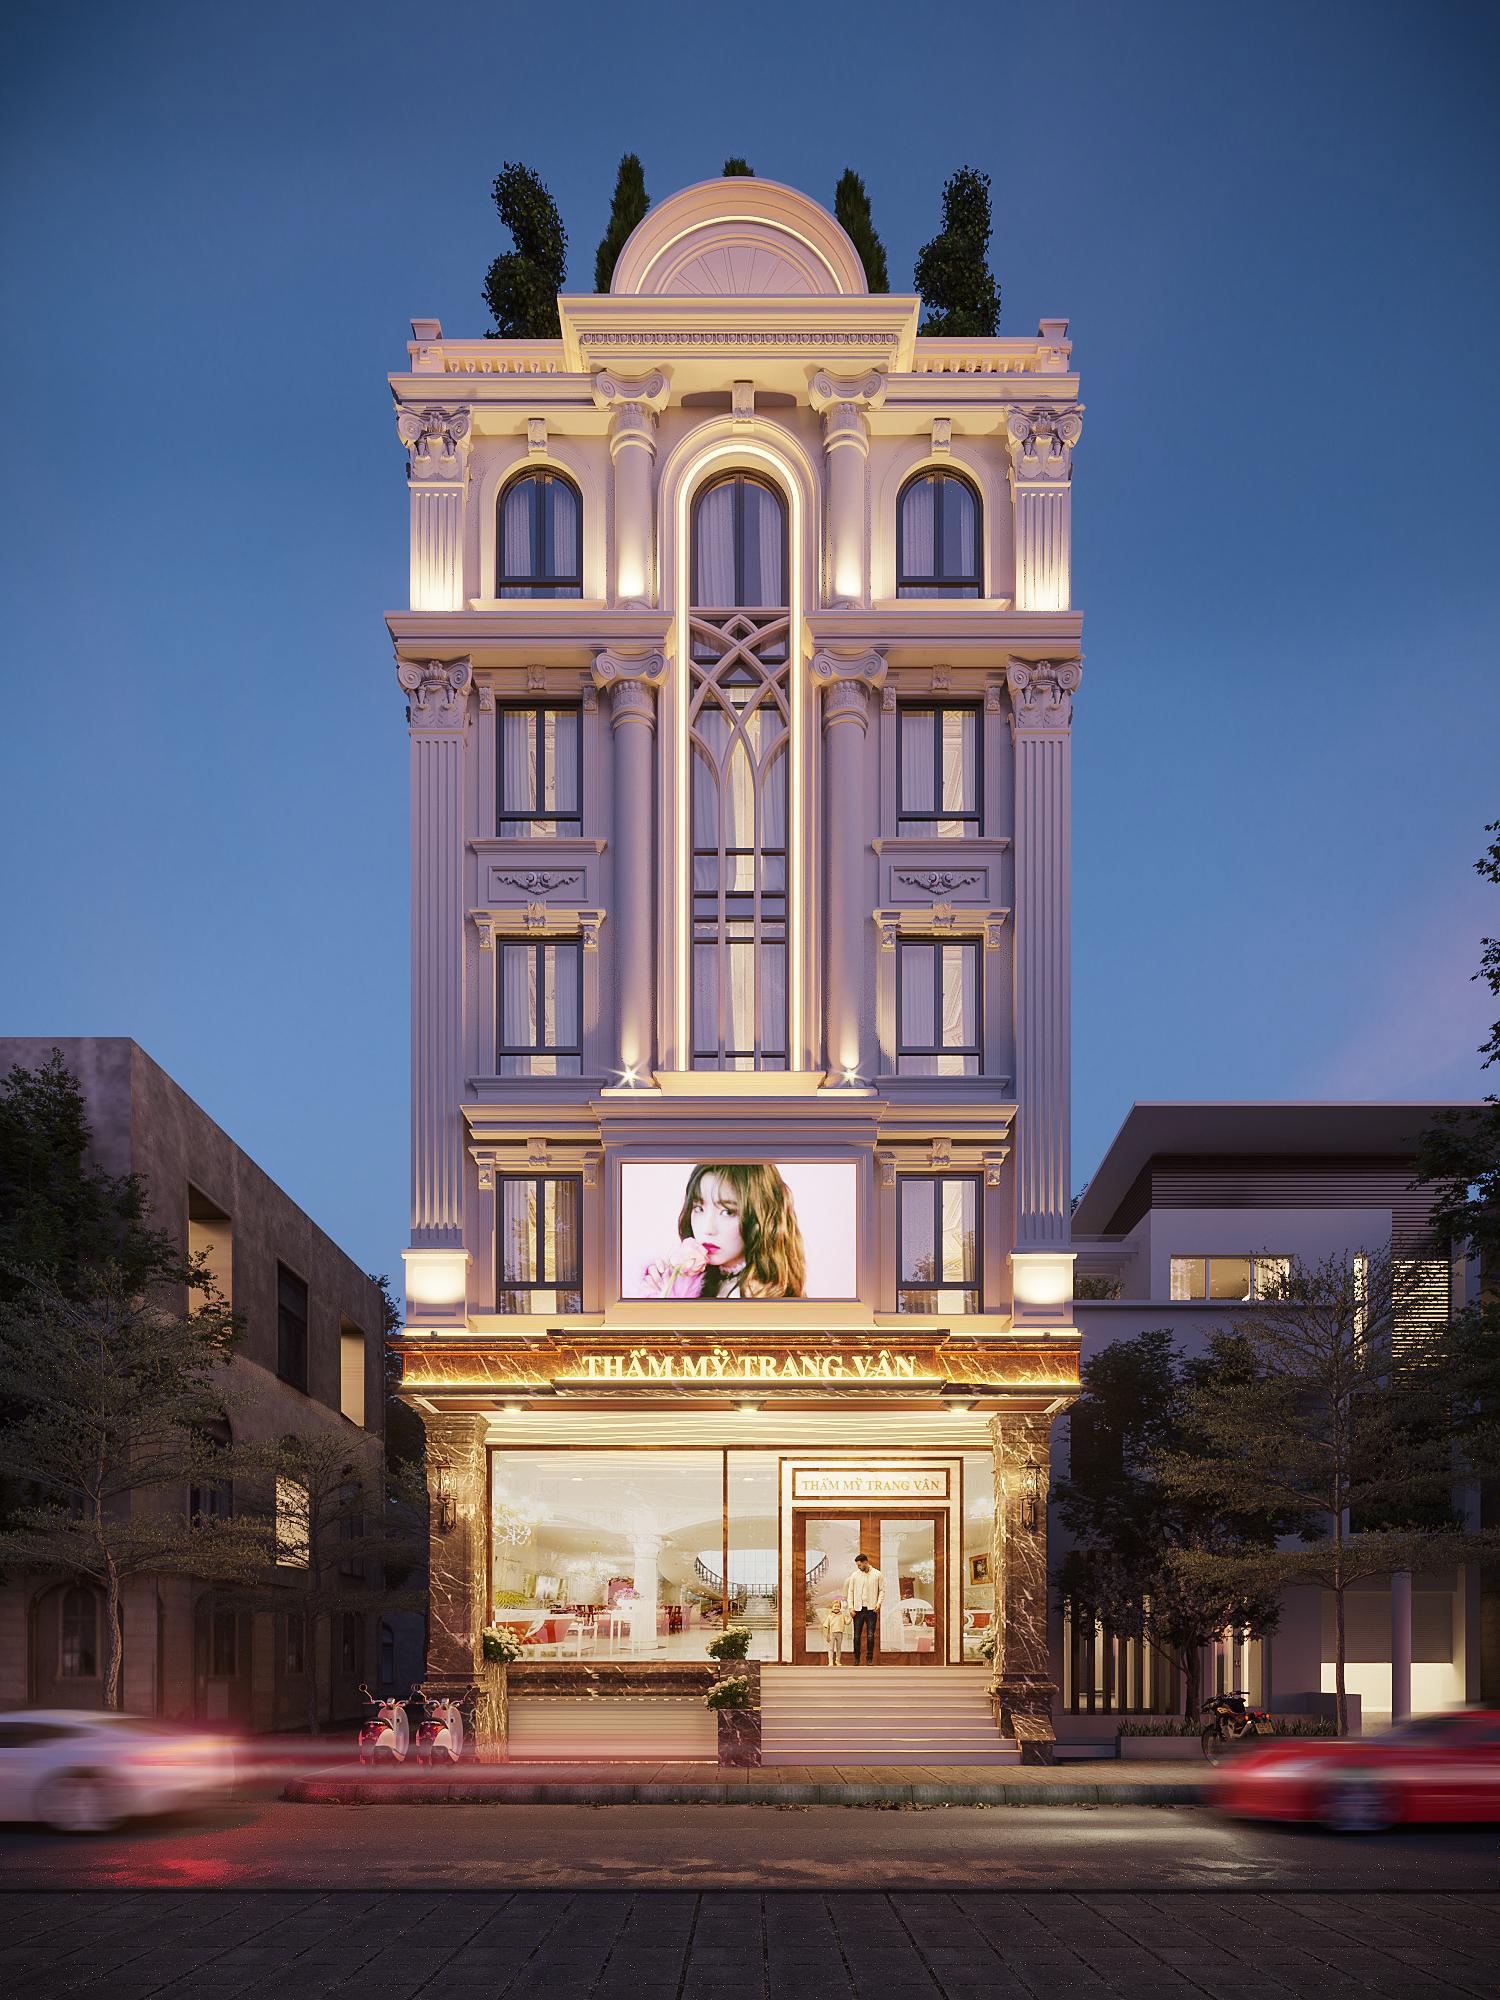 Thiết kế kiến trúc nội thất thẩm mỹ viện sang trọng